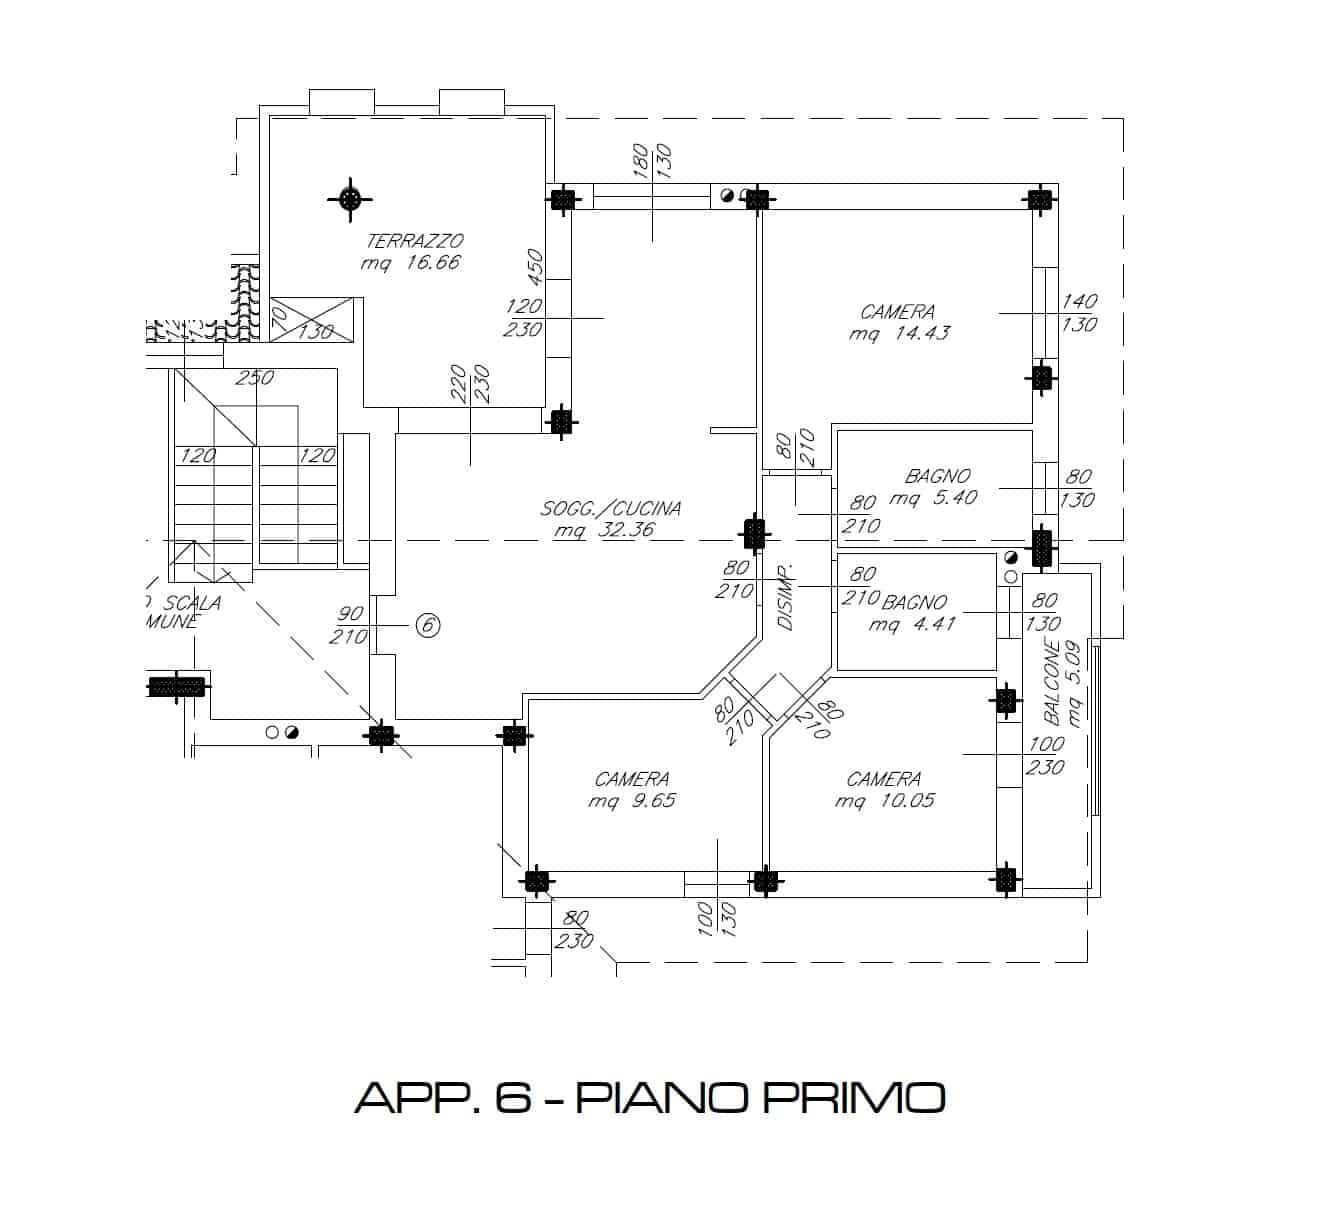 App. 6 PIANO PRIMO